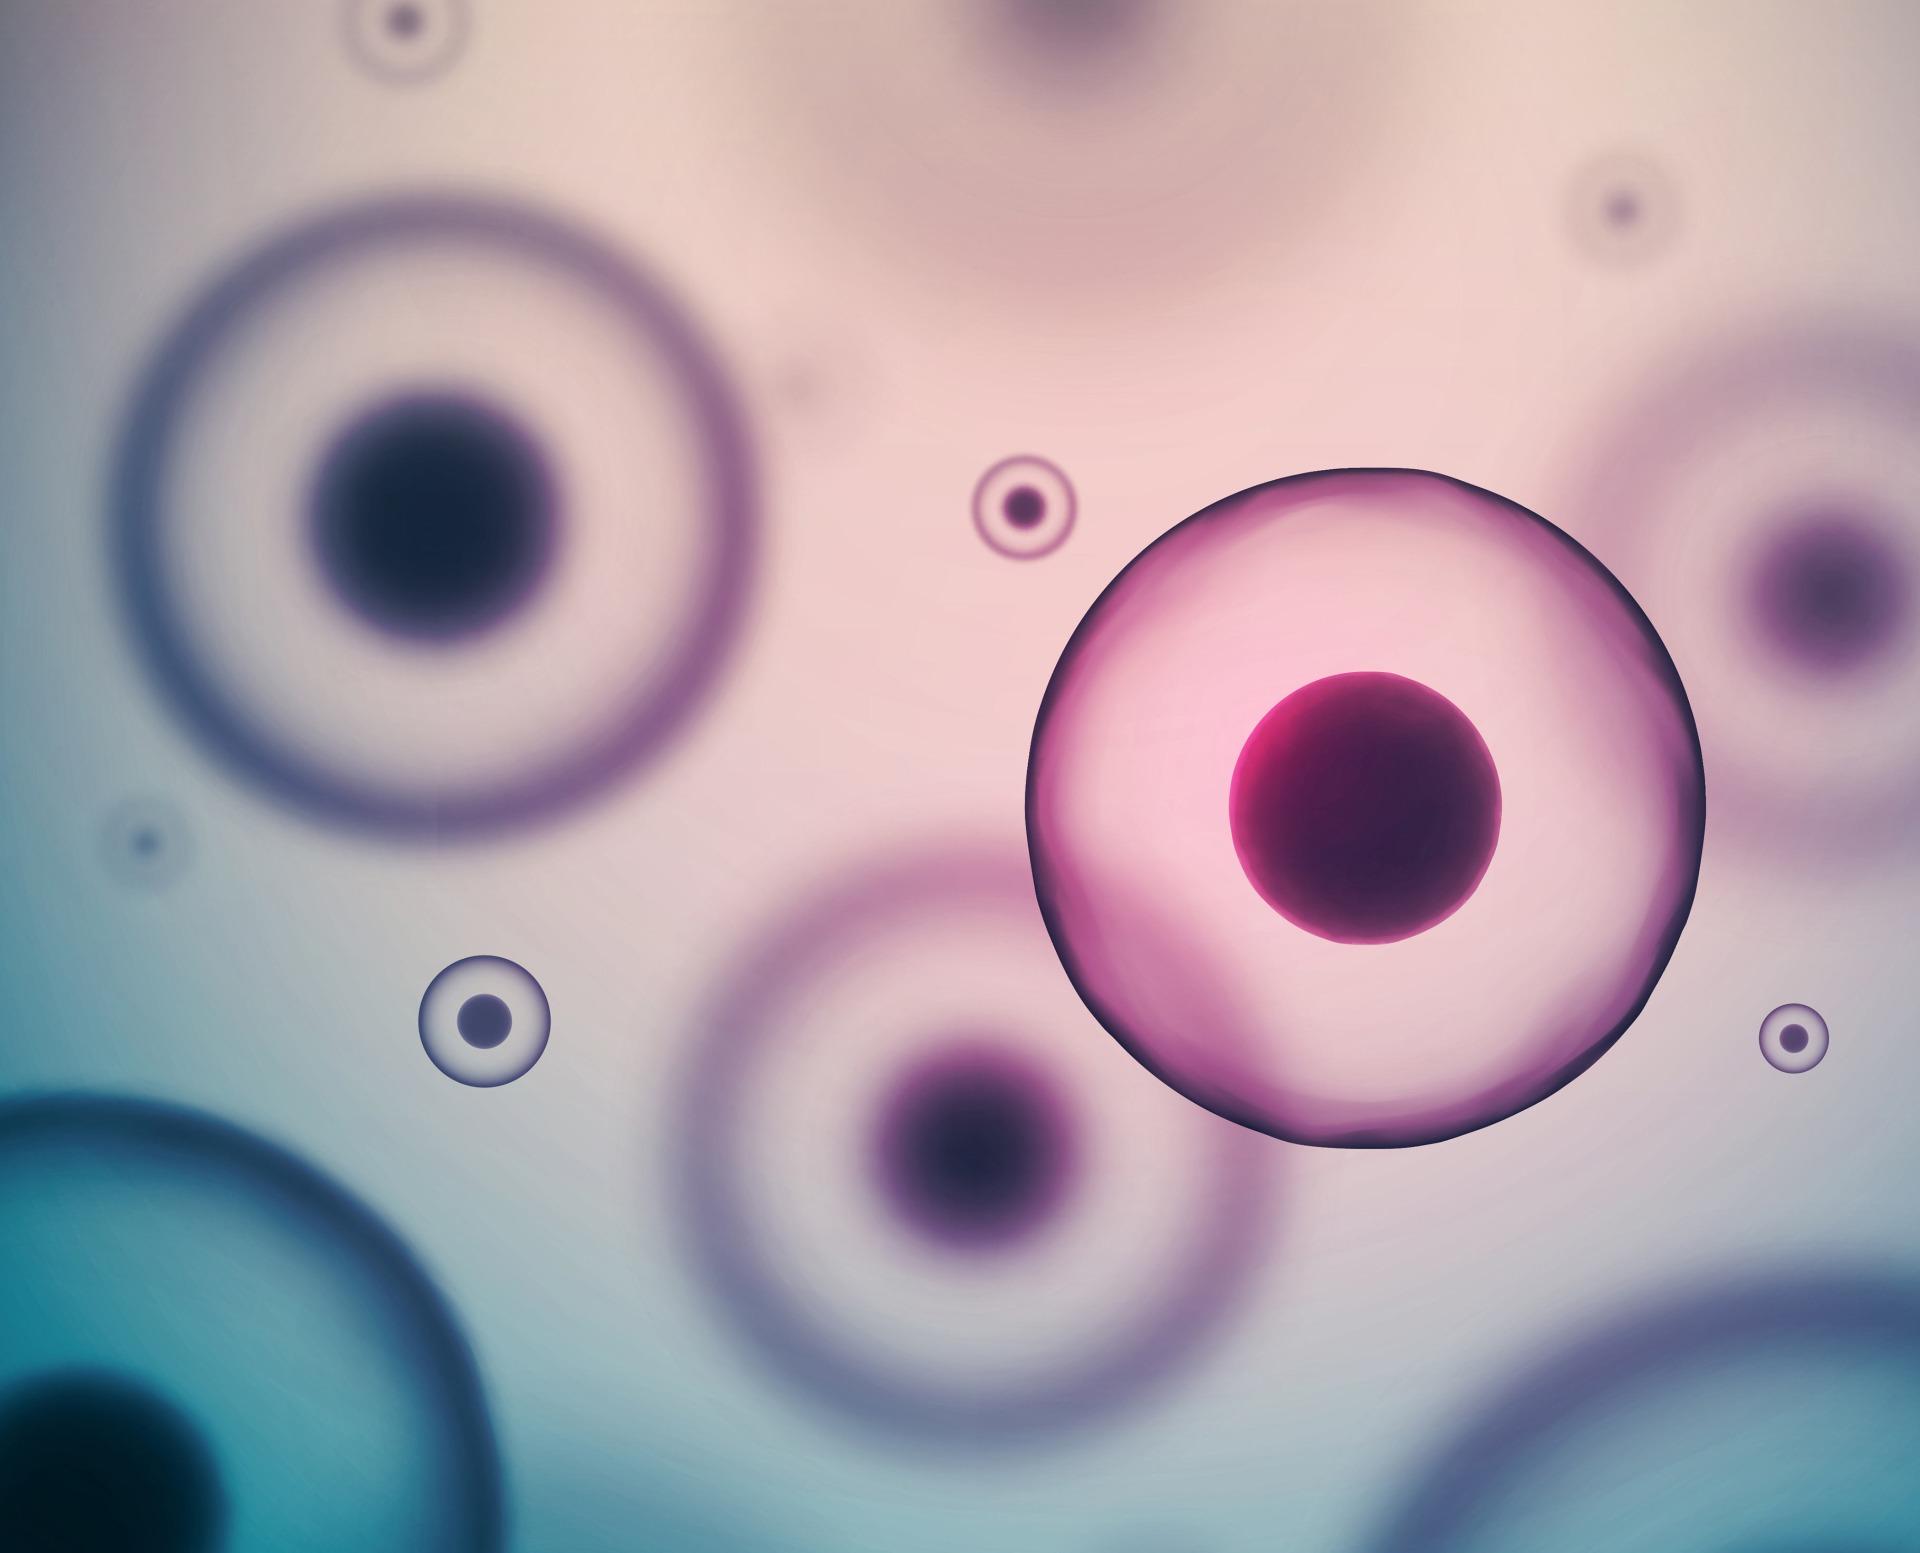 banco-de-embriones-cádiz-clinica-medrano